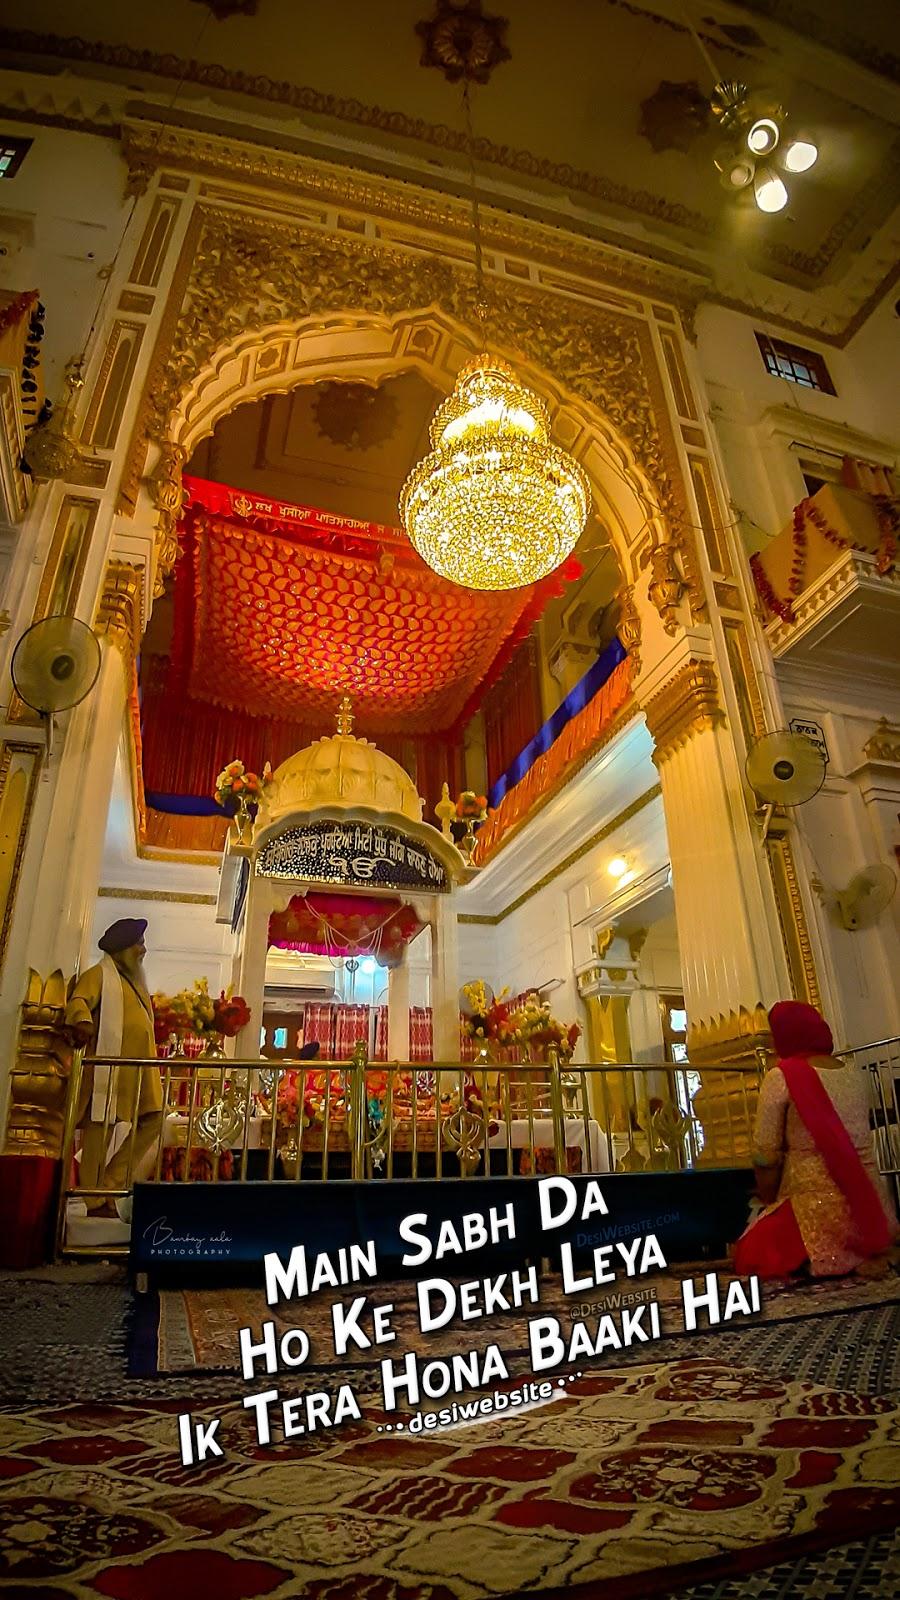 Main Sabh Da Ho Ke Dekh Lya Ik Tera Hona Baaki Hai - waheguru ji photos status